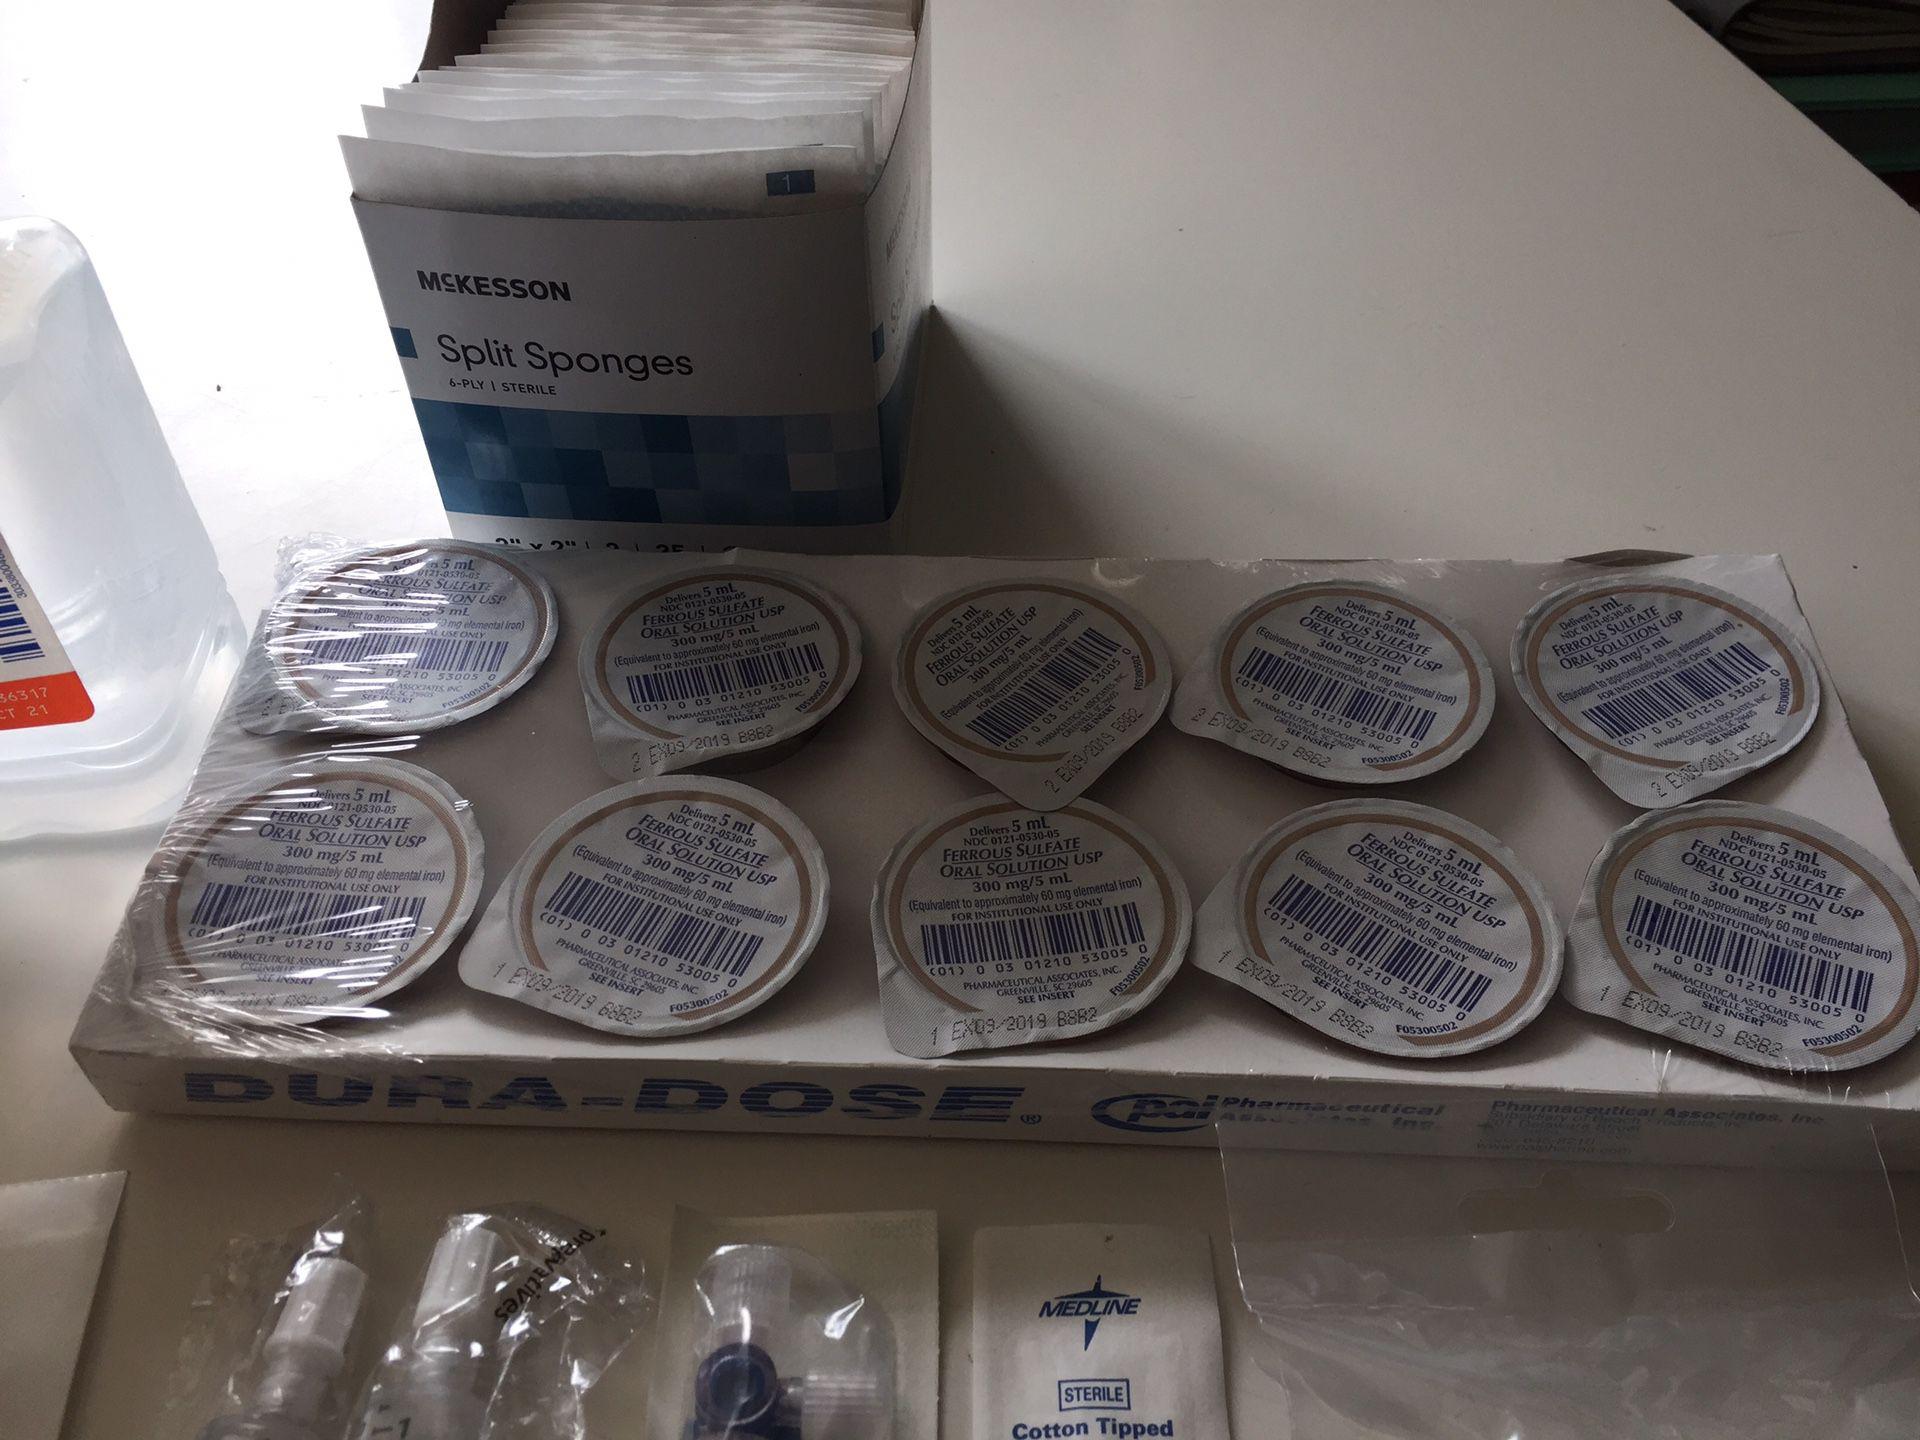 Hospital Grade Medical Items